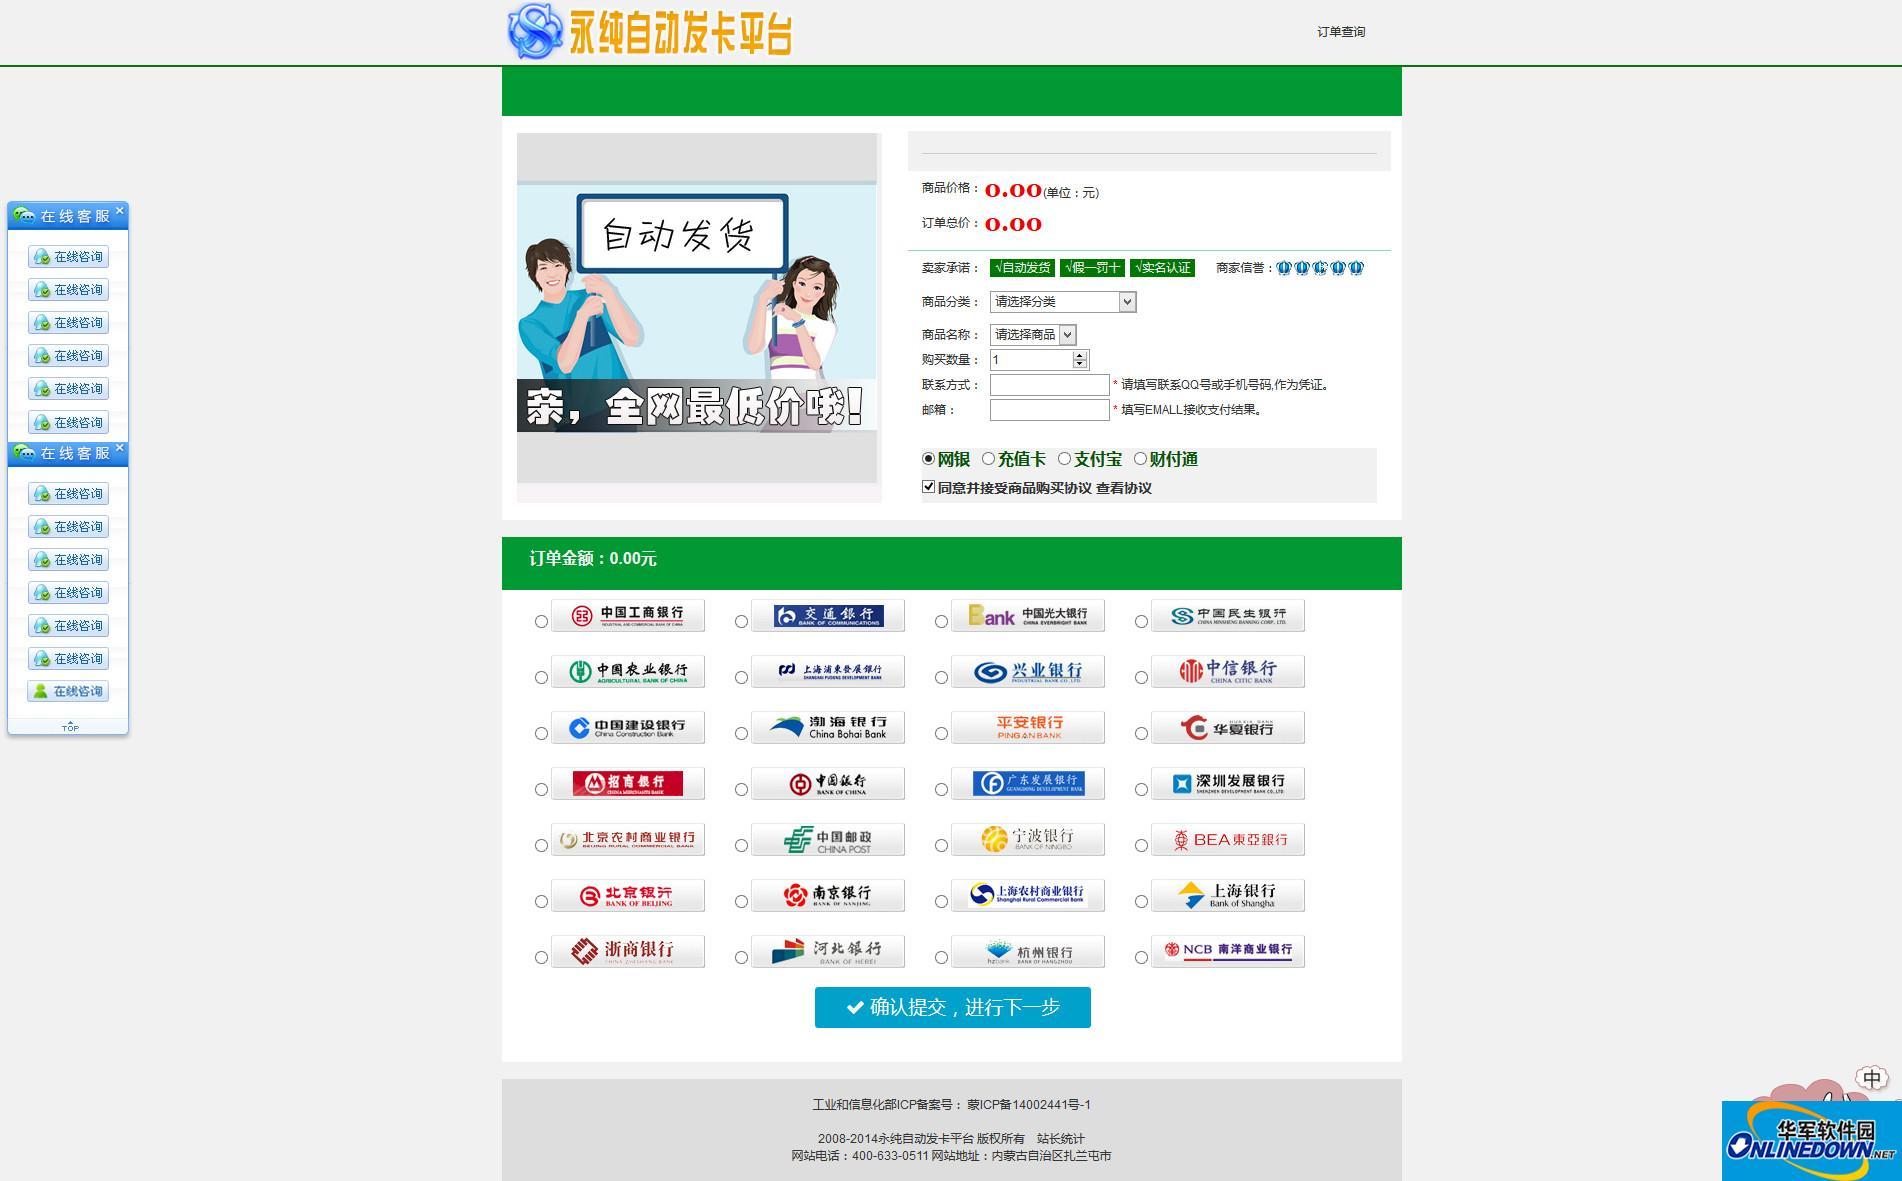 php自动发卡平台开源商业版